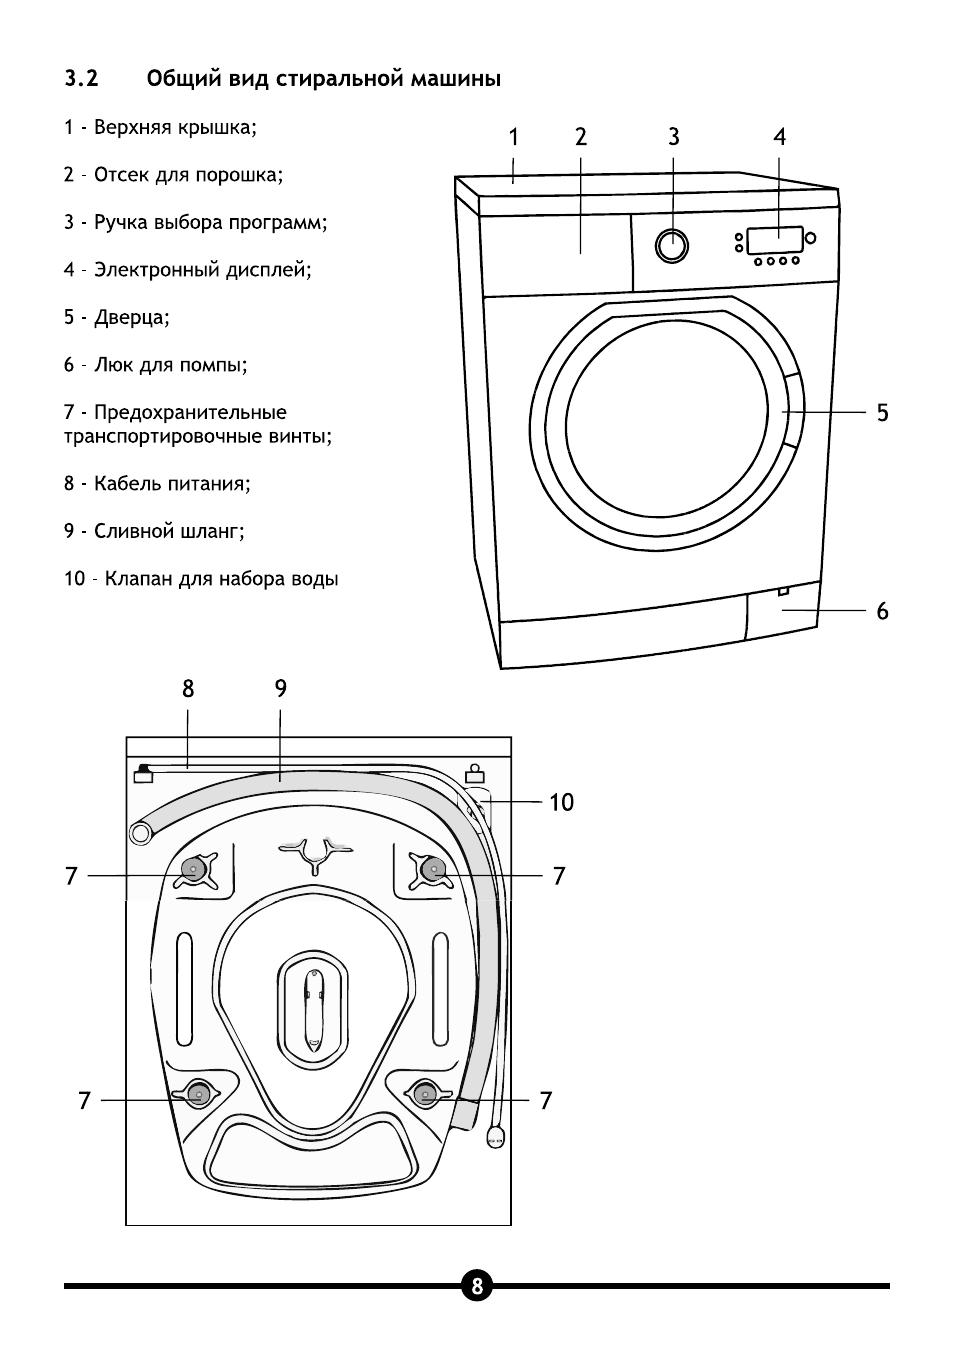 Схема дверцы стиральной машинки